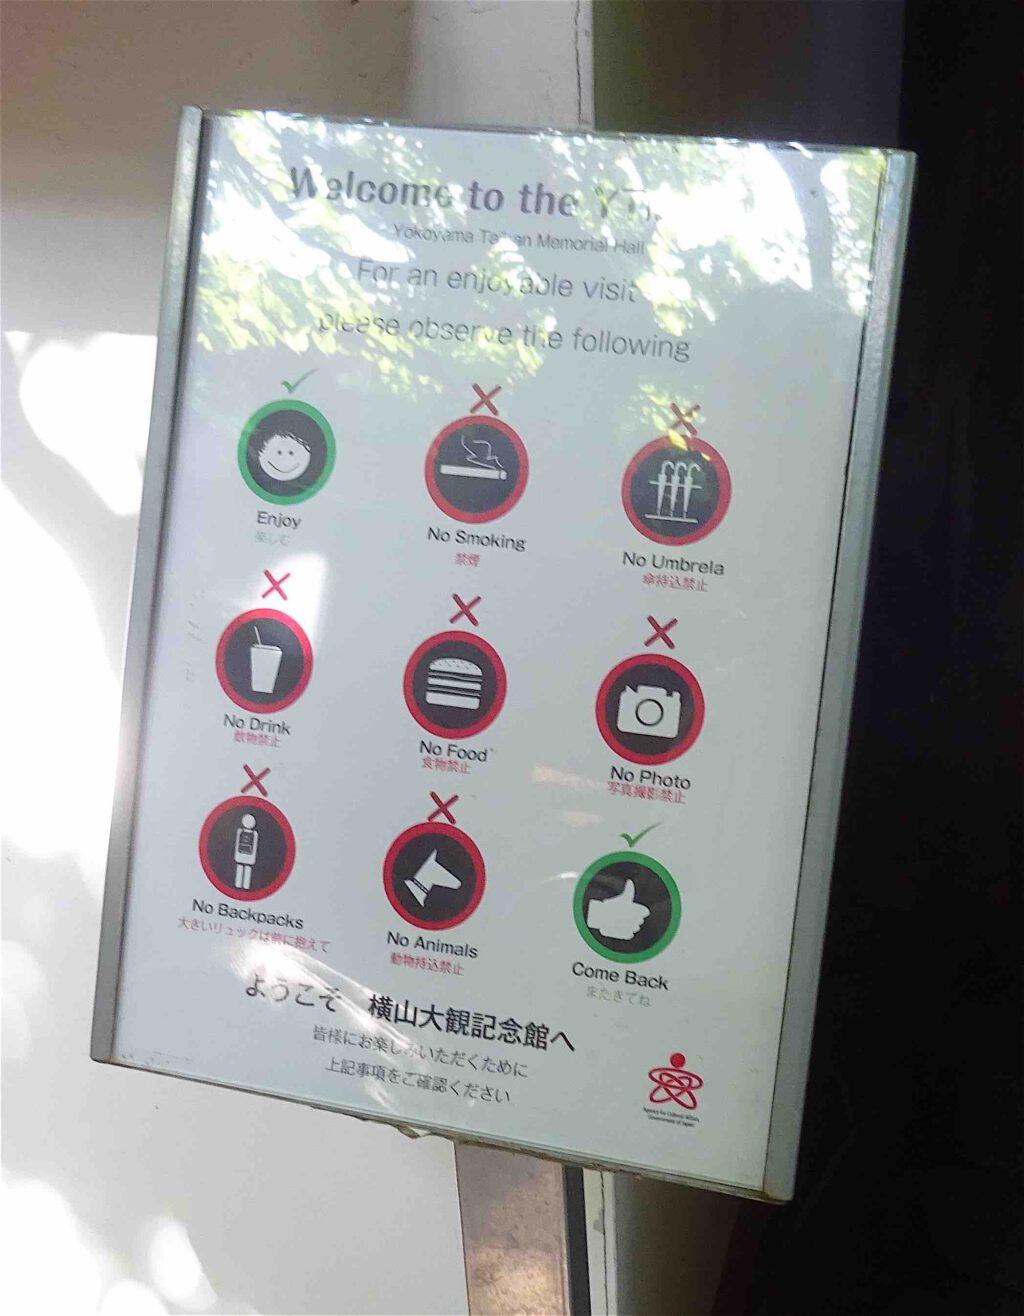 横山大観記念館、撮影禁止